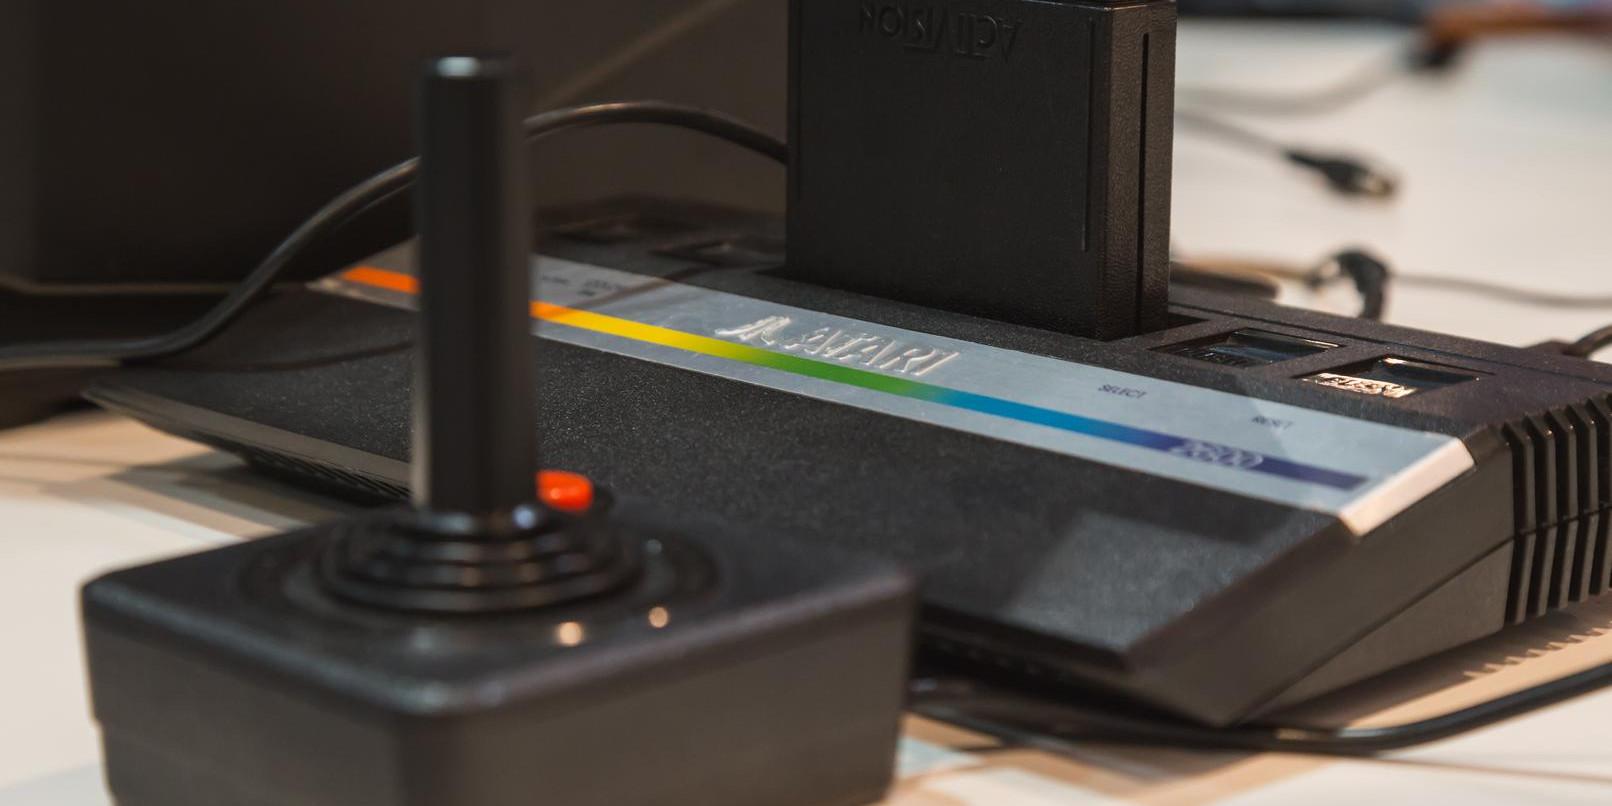 Atari добавит в Steam 100 классических игр, причем с мультиплеером и другими плюшками - 1